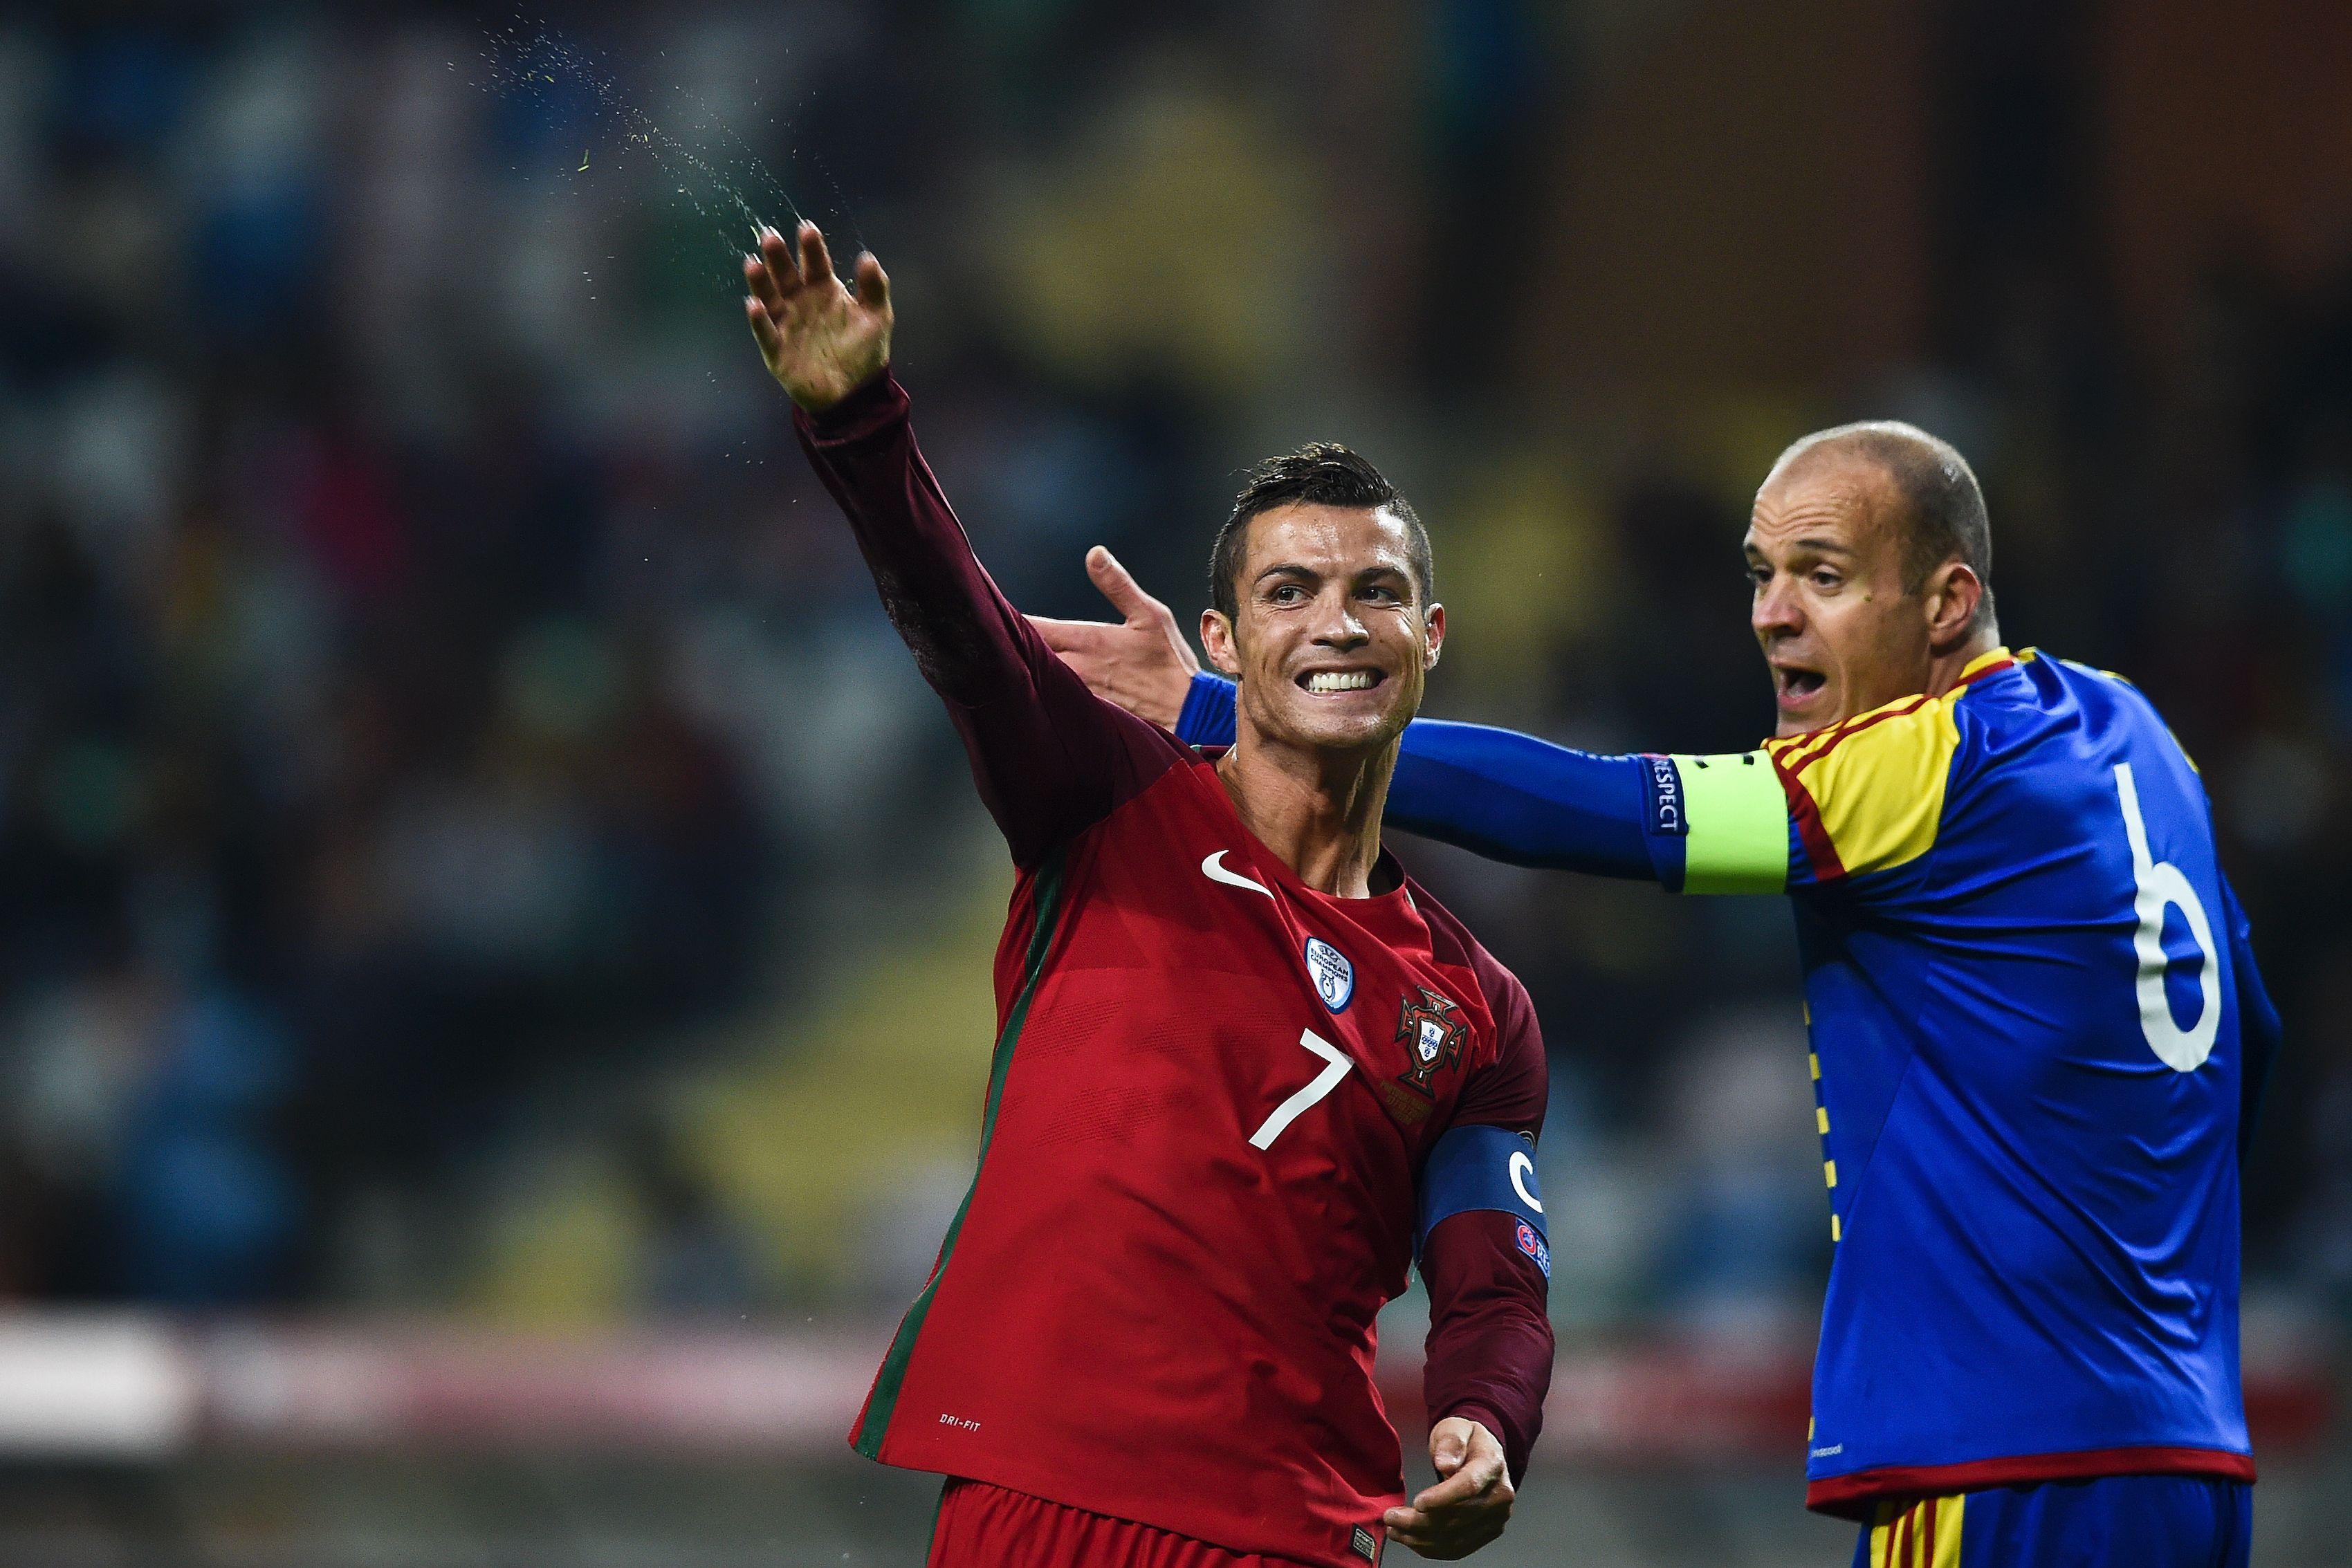 葡萄牙队球员克·罗纳尔多(左)在比赛中